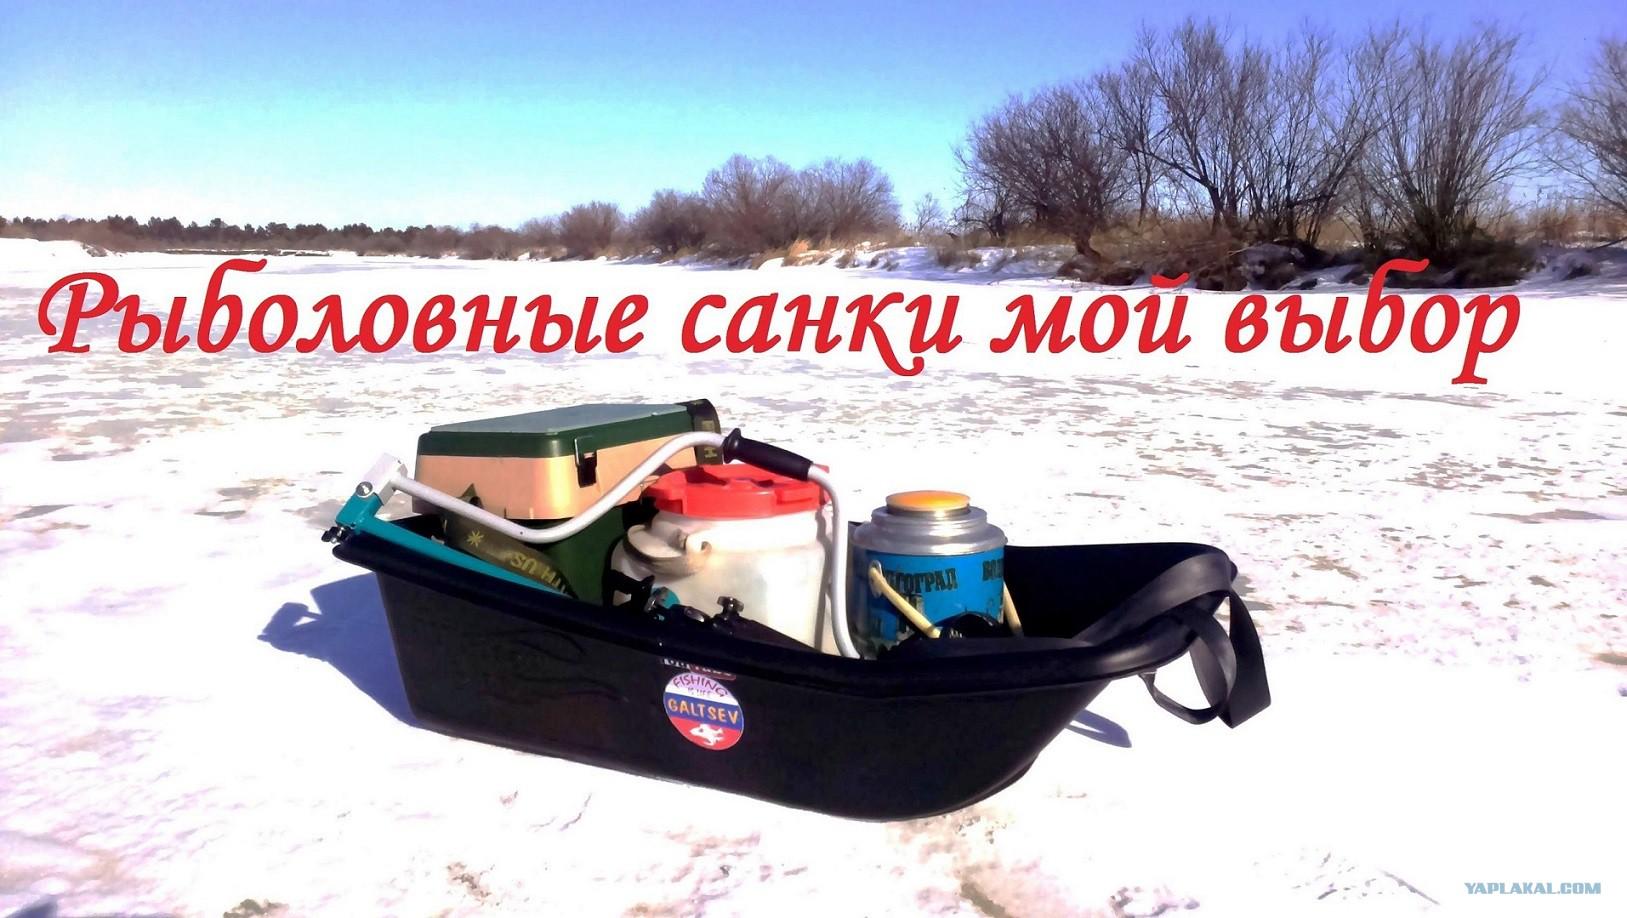 Сани для зимней рыбалки фото